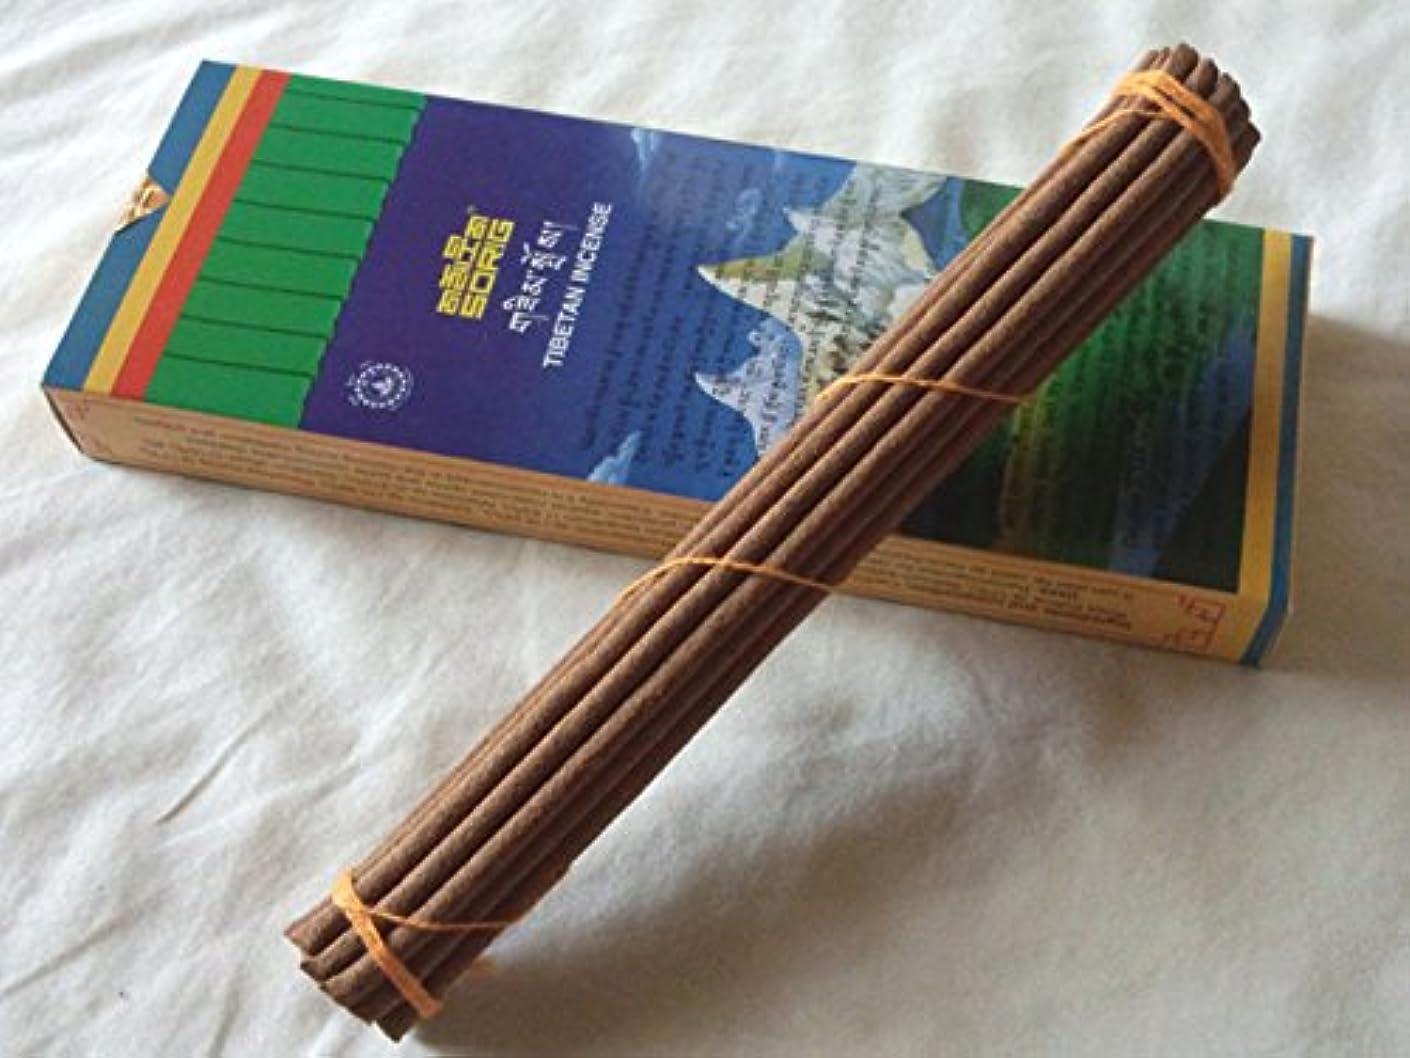 誤解接続された養うMen-Tsee-Khang/メンツィカンのお香-お徳用トリプル SORIG Tibetan Incense big 約20本入×3束